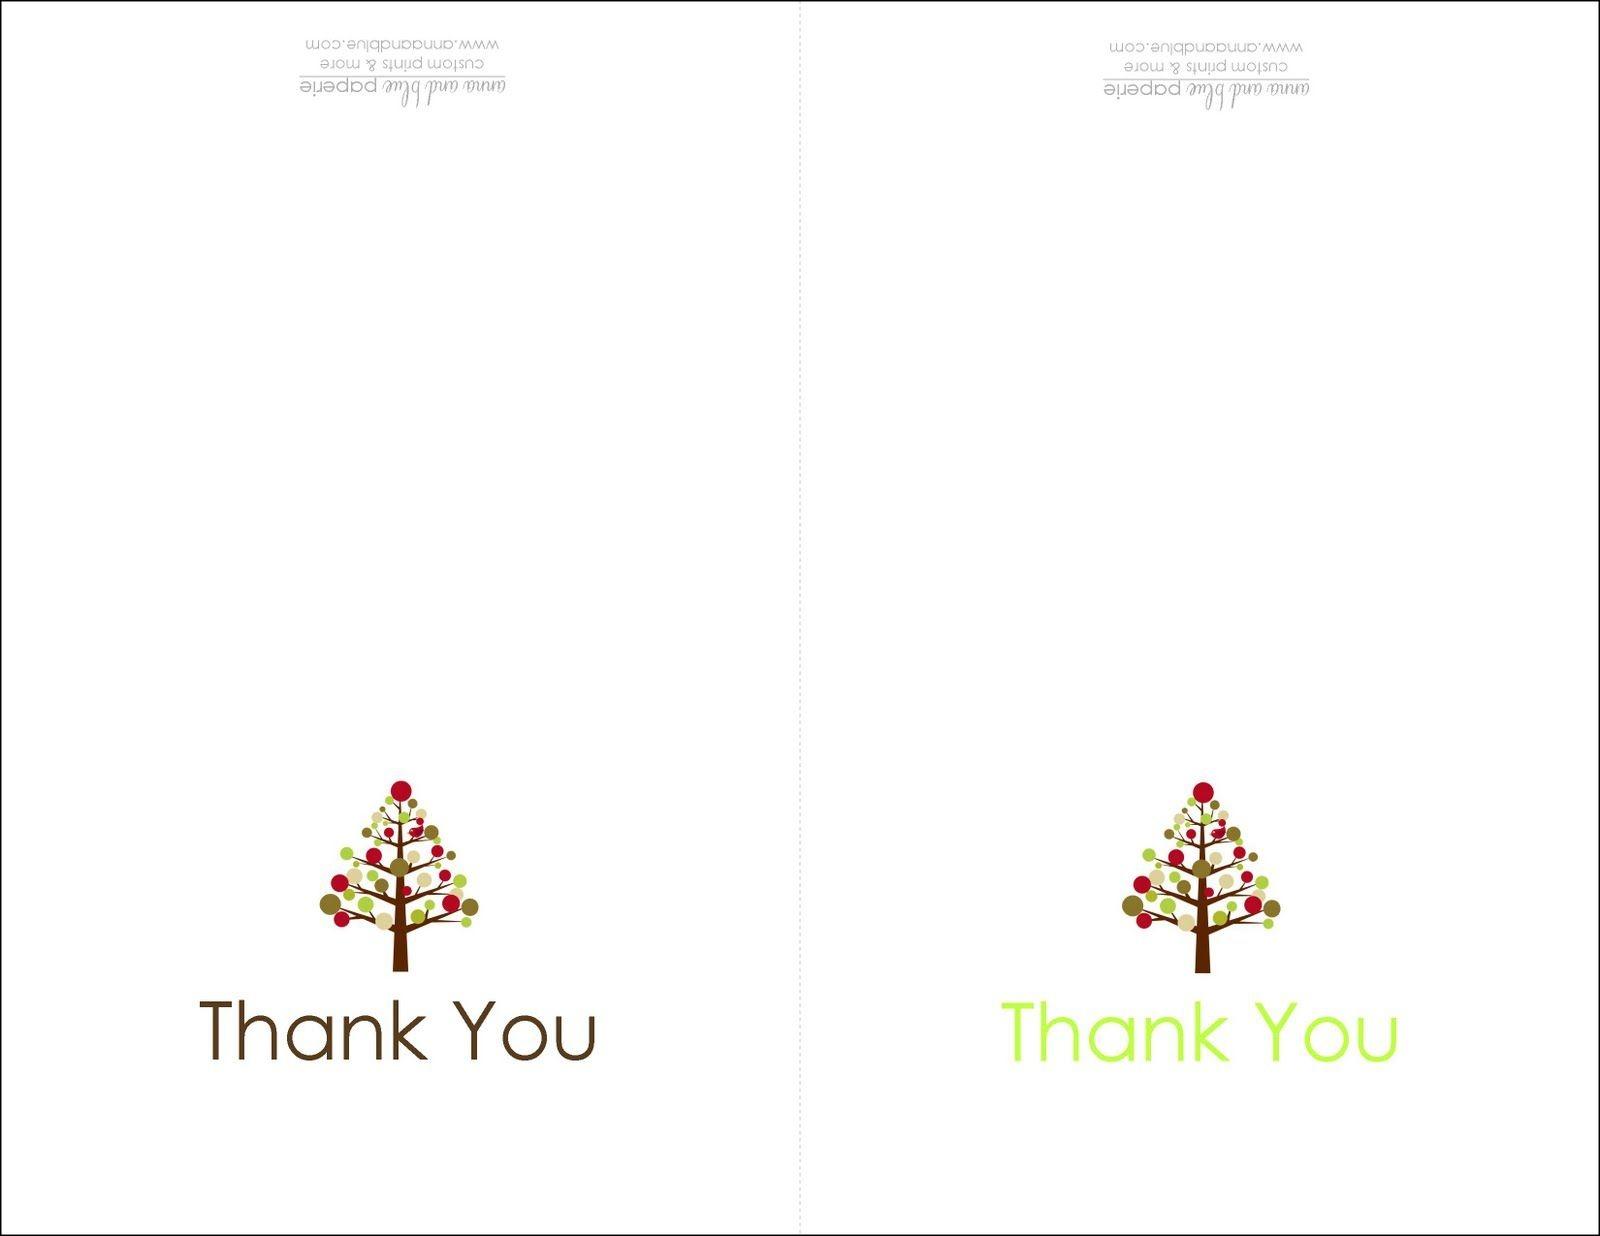 Thank You Cards Printable | Printable | Free Printable Christmas - Free Printable Custom Thank You Cards